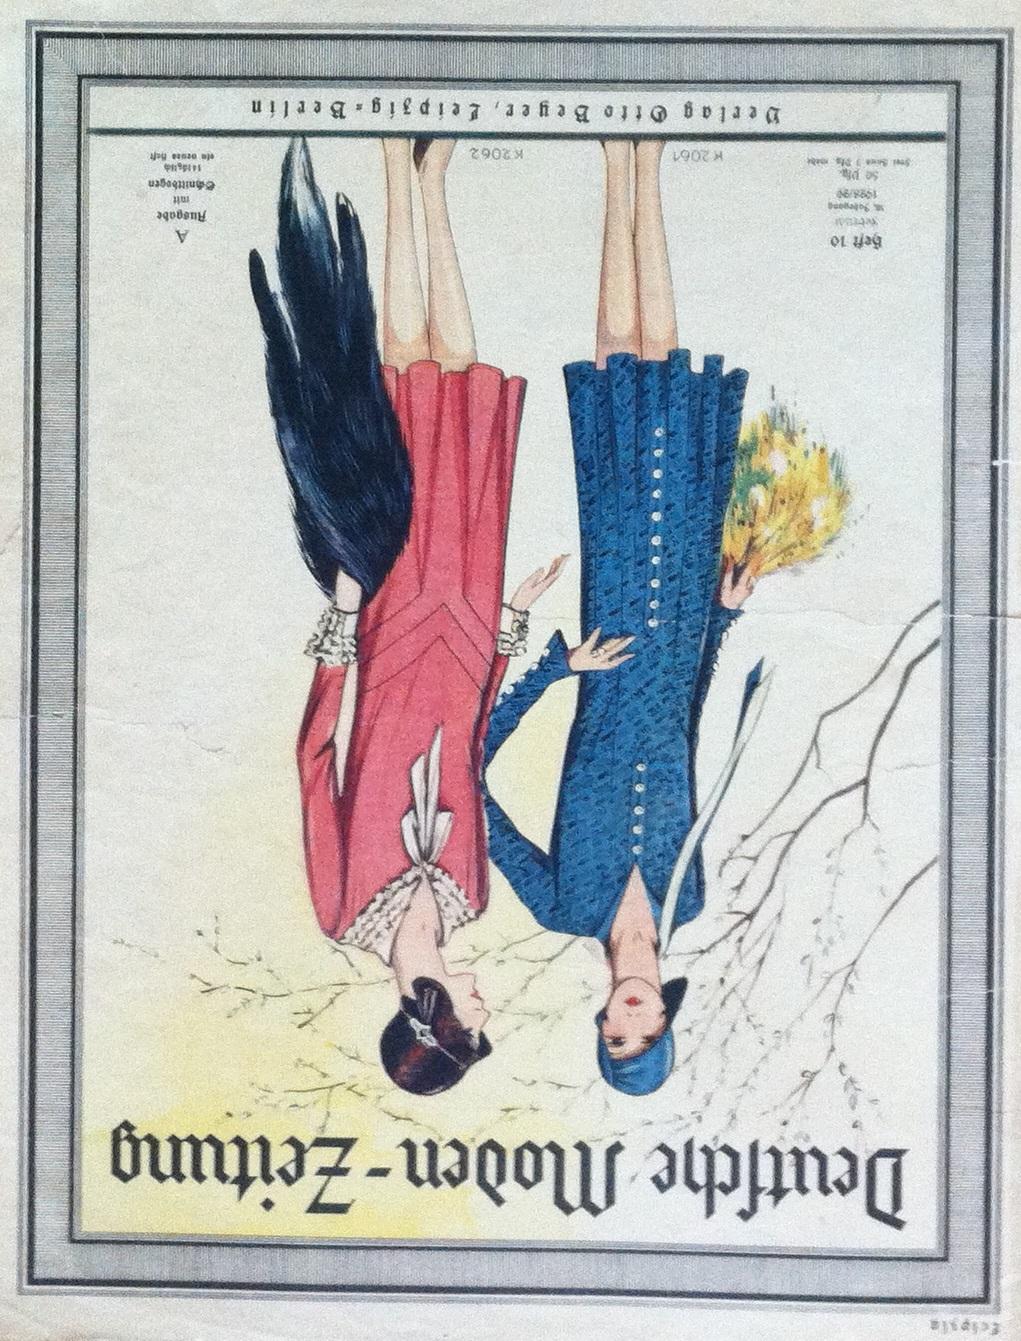 Deutsche Moden-Zeitung No. 10 Vol. 38 1928/29